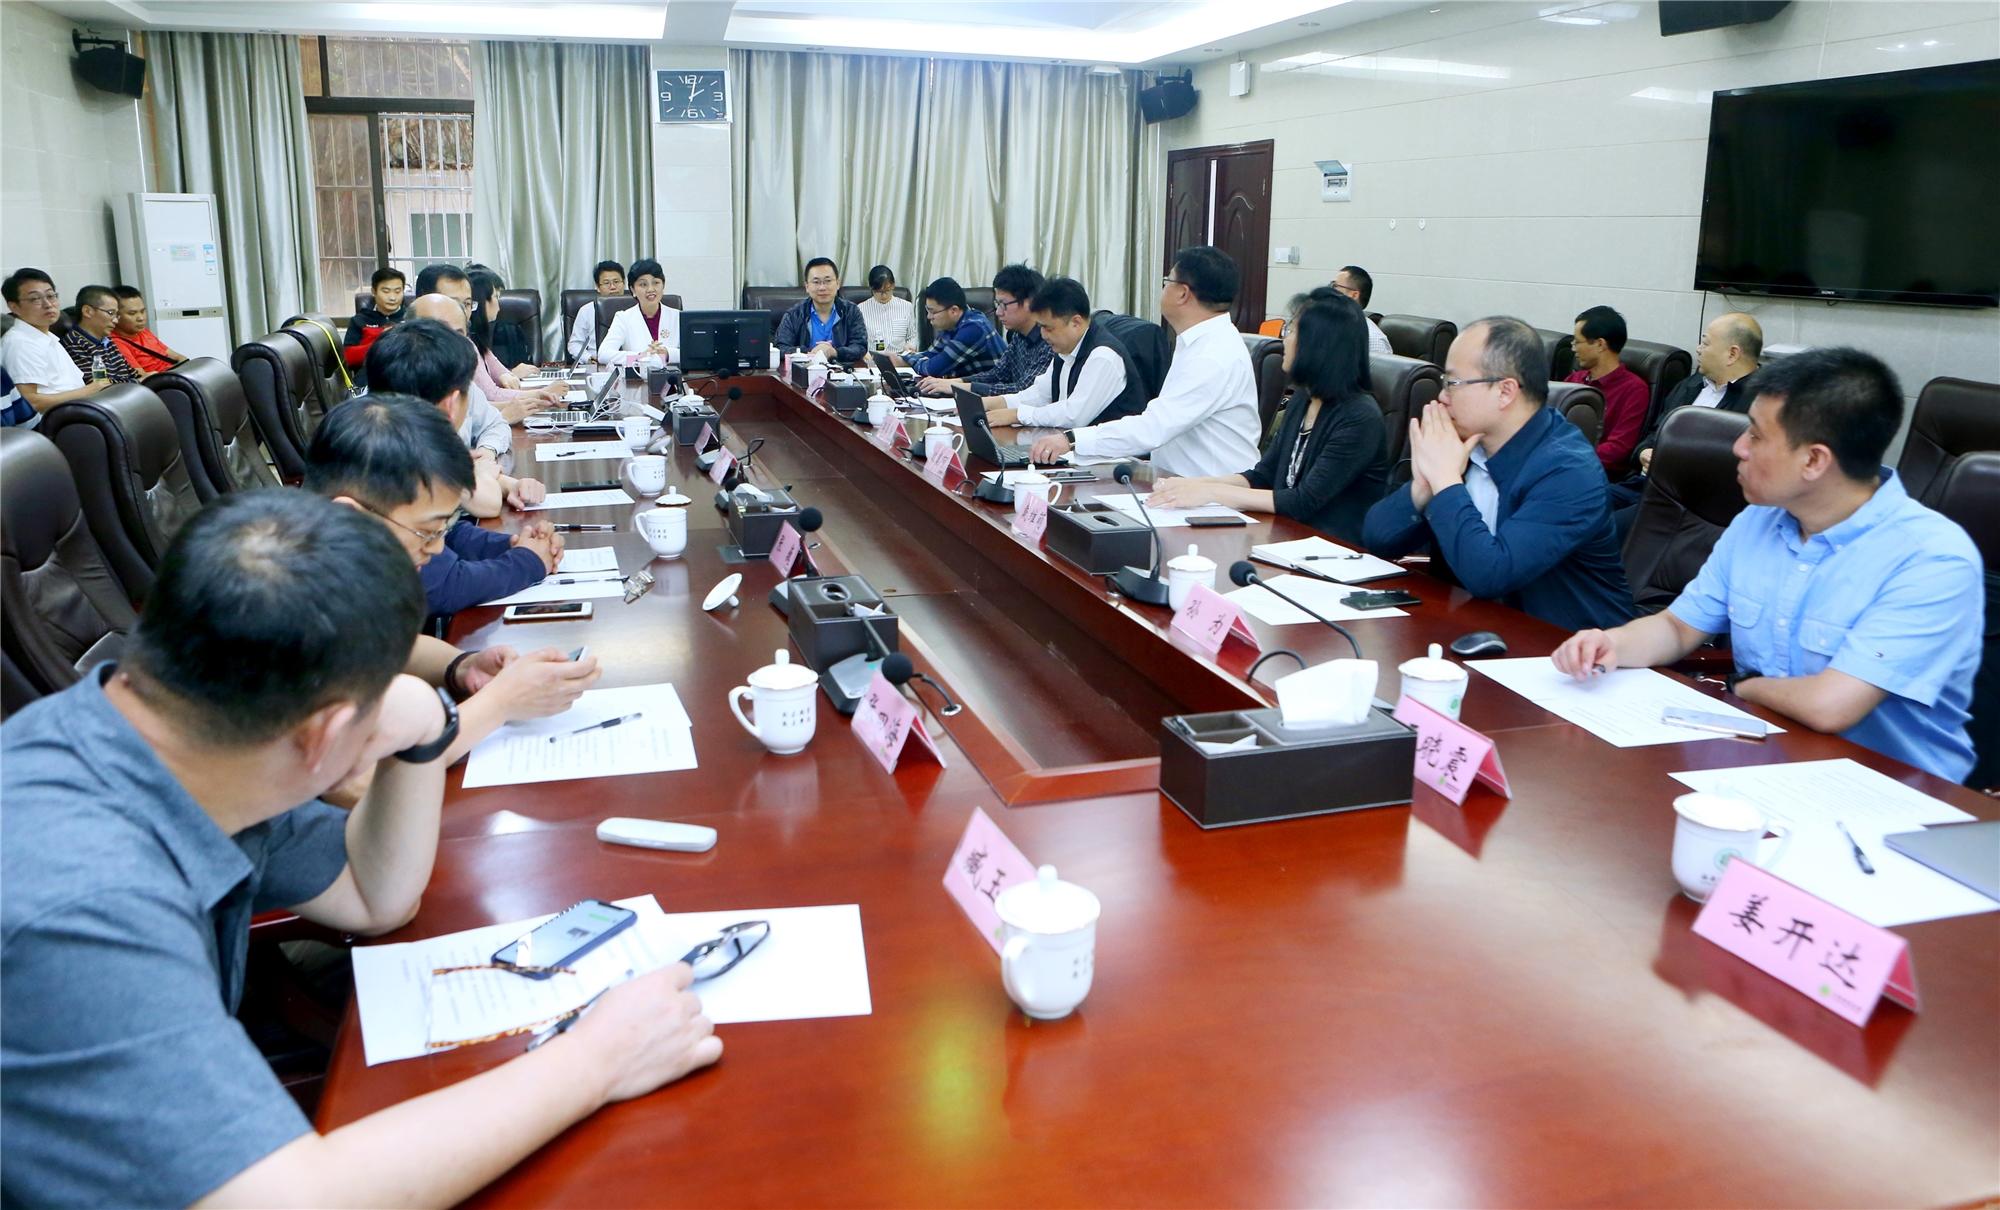 我校举办海南国际教育创新岛建设研讨会